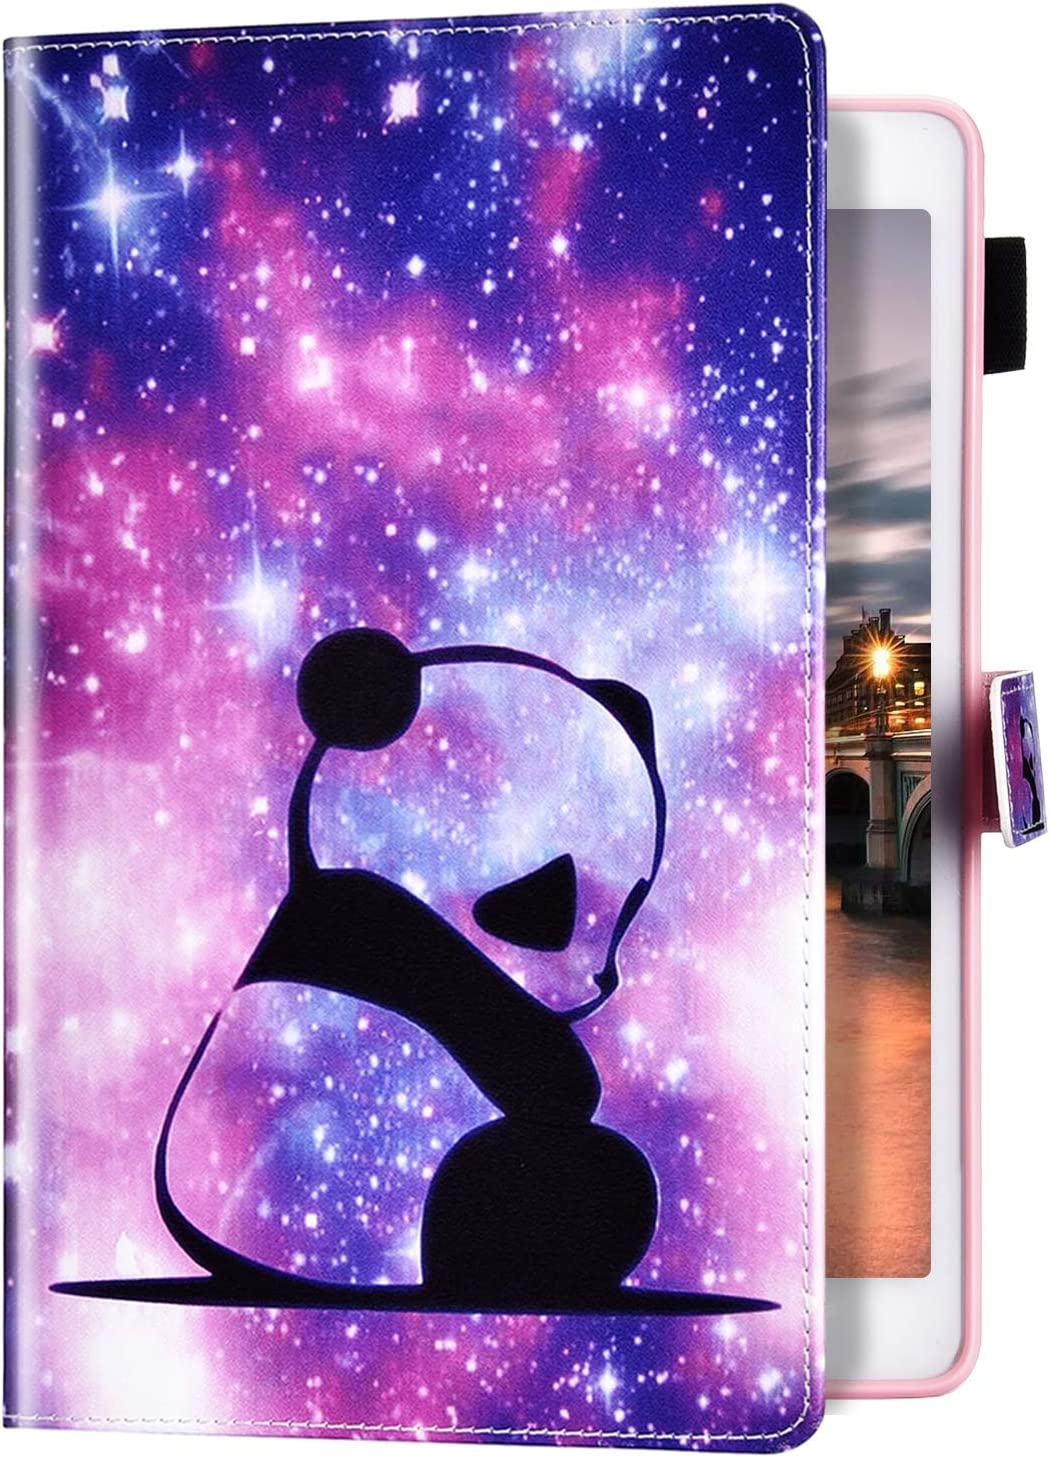 MoreChioce compatible avec Coque Samsung Galaxy Tab A 10.5,Coque Galaxy Tab A 10.5 T590//T595 Housse de Protection,Jolie motif Mandala Smart Cover Stand Flip Tablette Case Portefeuille